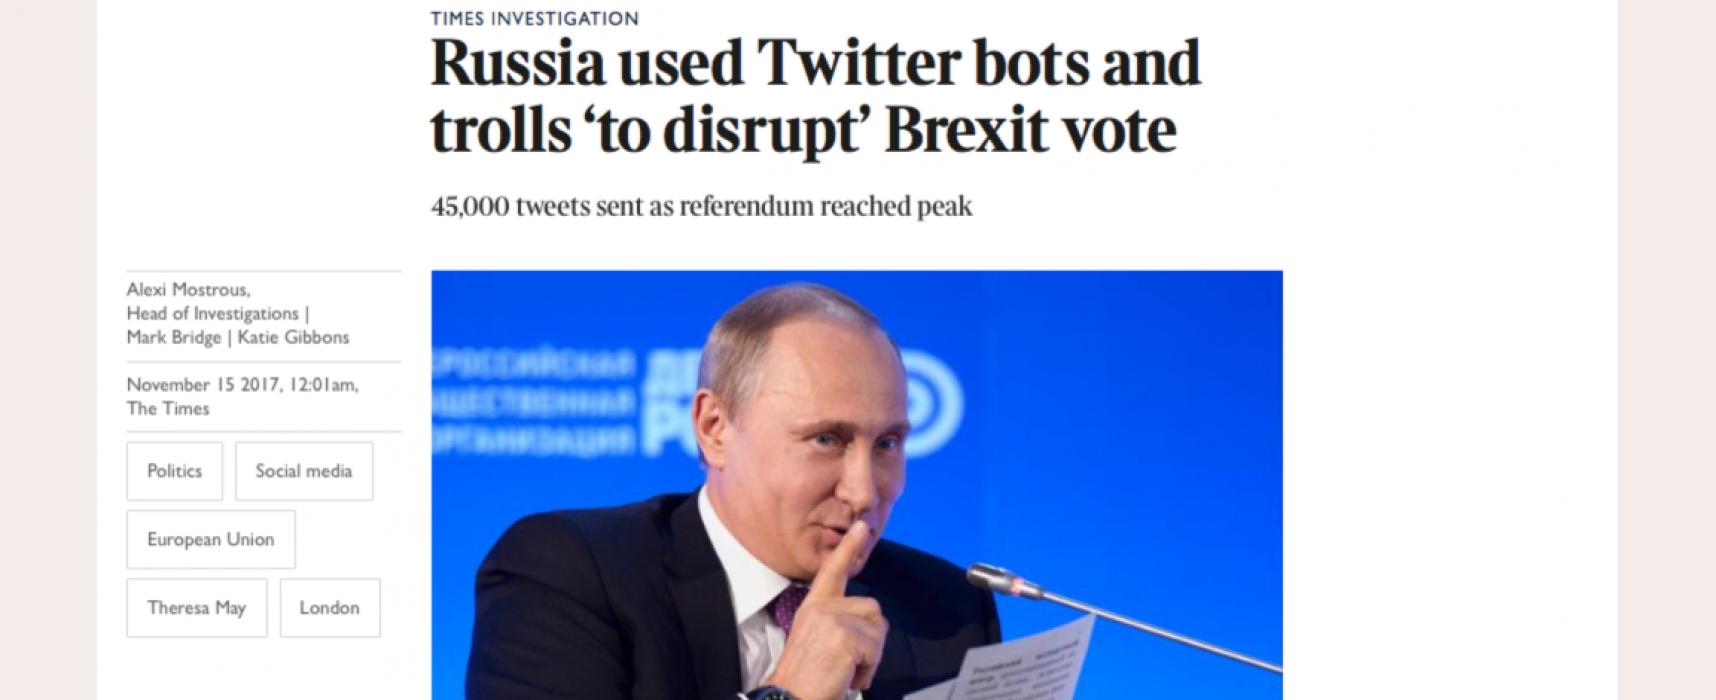 Media: rosyjska machina internetowa w okresie referendum w Wielkiej Brytanii przełączyła się z Ukrainy na Brexit